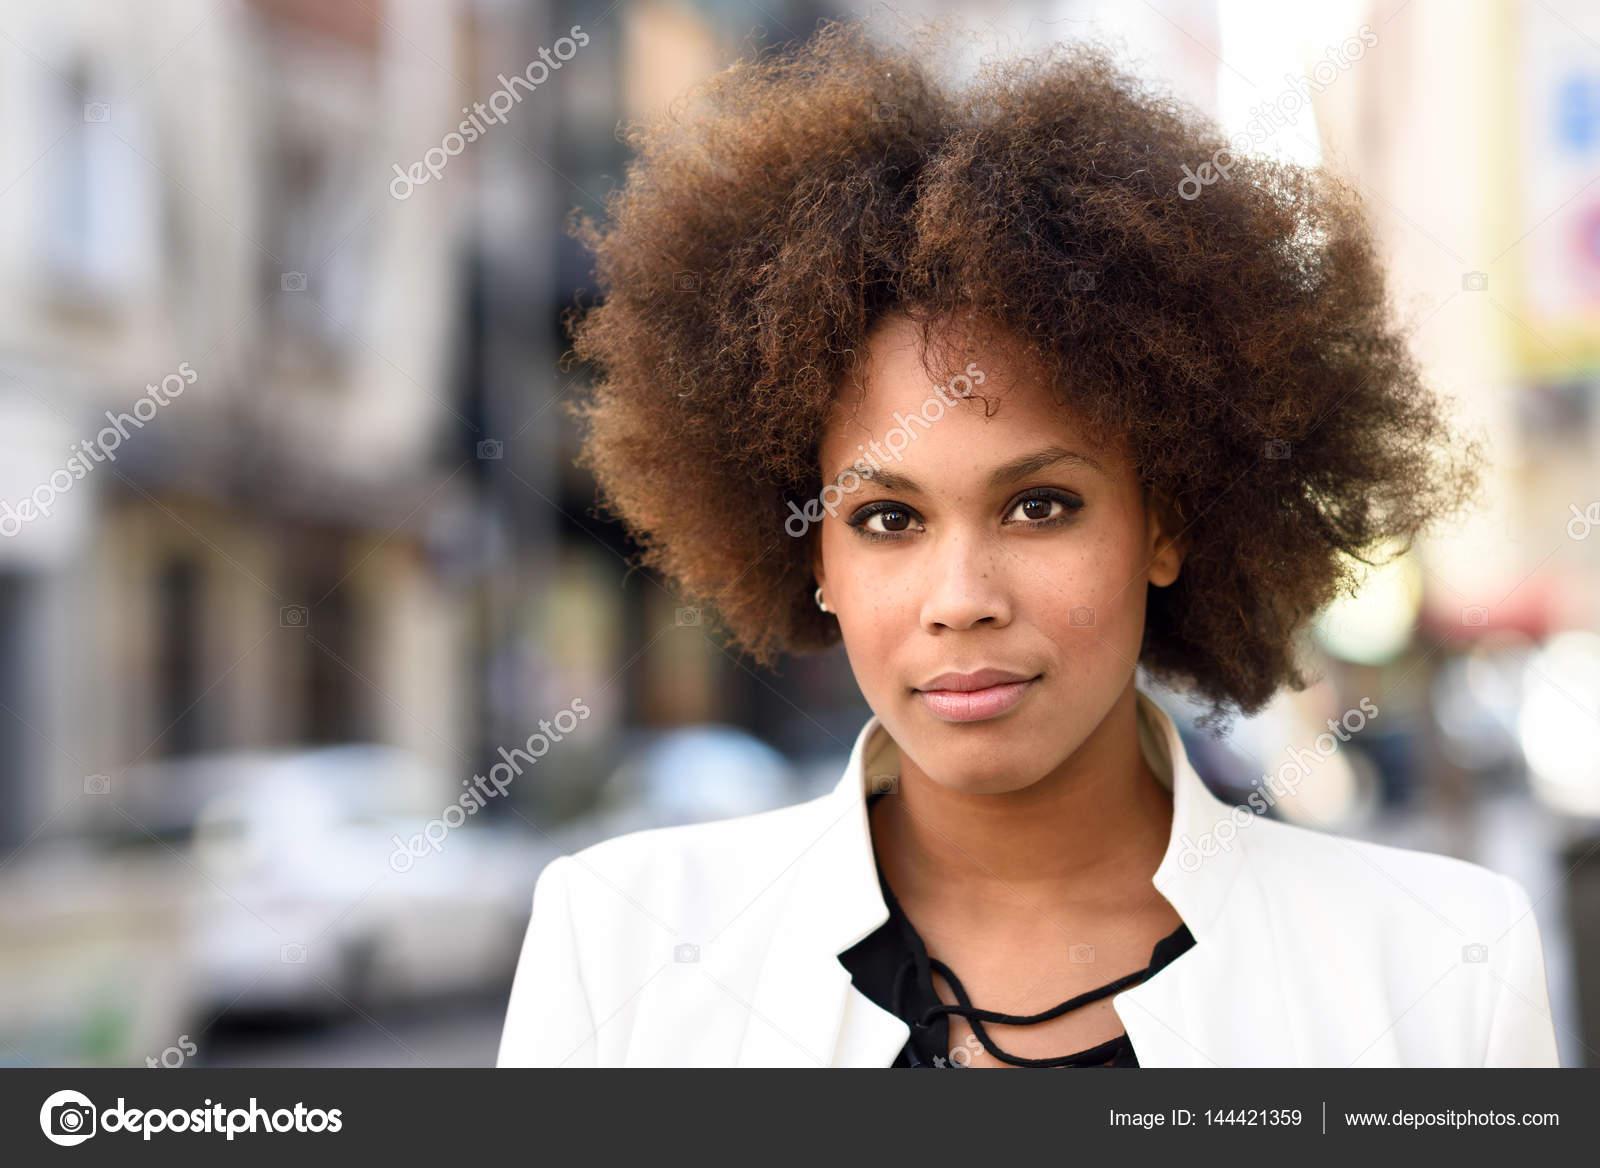 Junge Schwarze Frau Mit Afro Frisur Stehen In Städtischen Staatlich